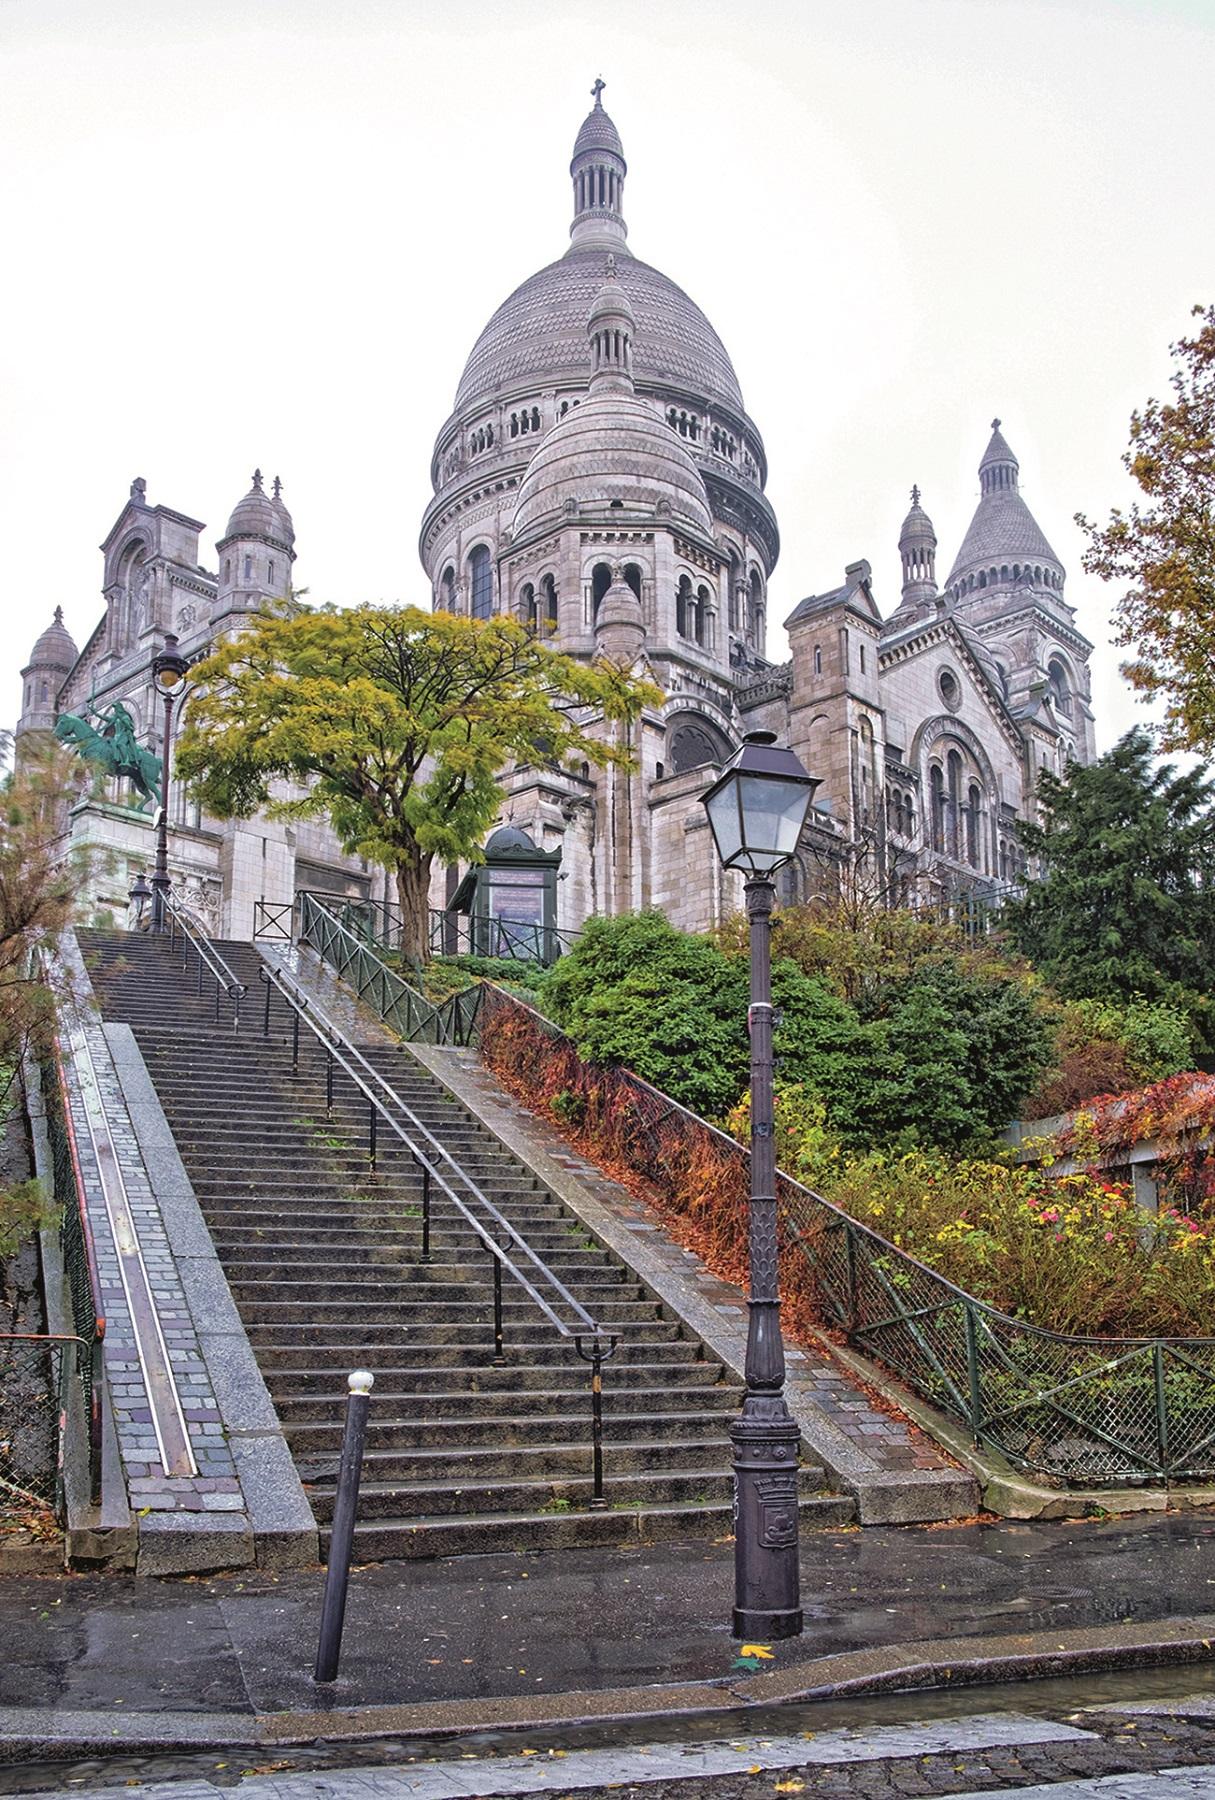 Staricase leading up to Basilique of the Sacré Cœur